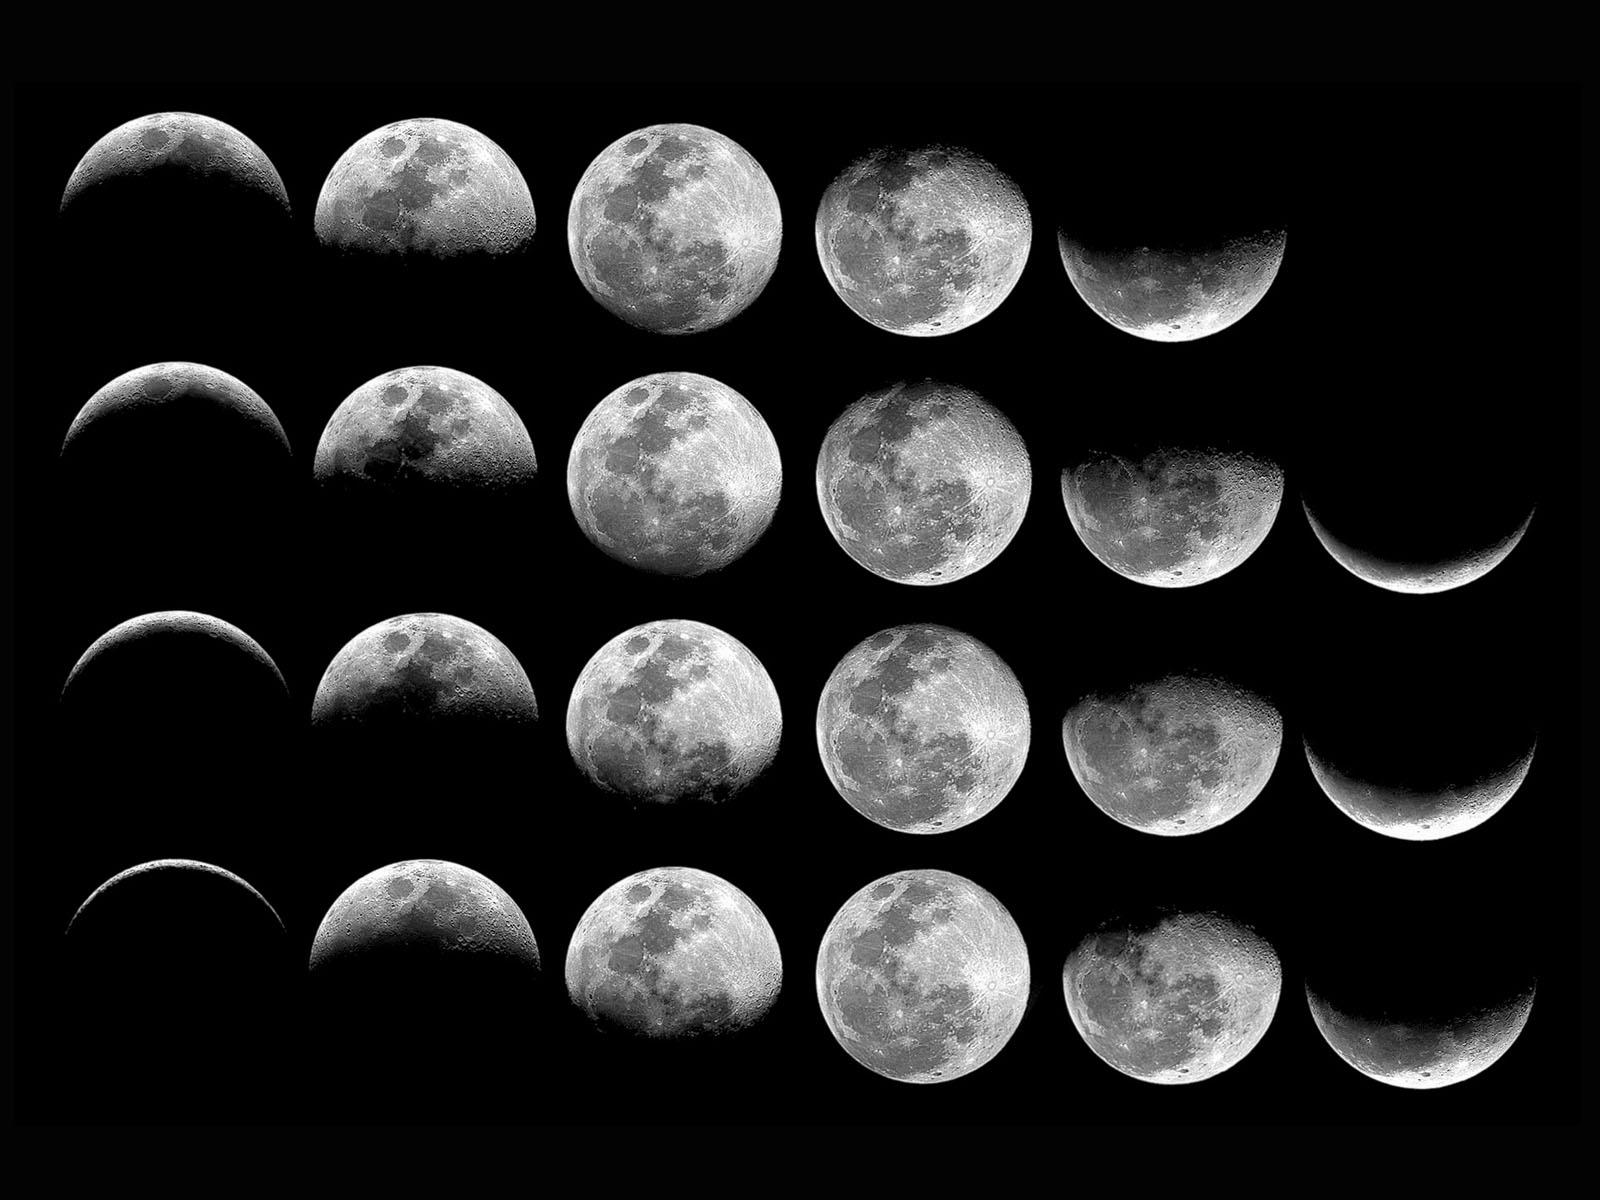 лунный календарь по уходу за комнатными растениями на ноябрь 2021 года фото